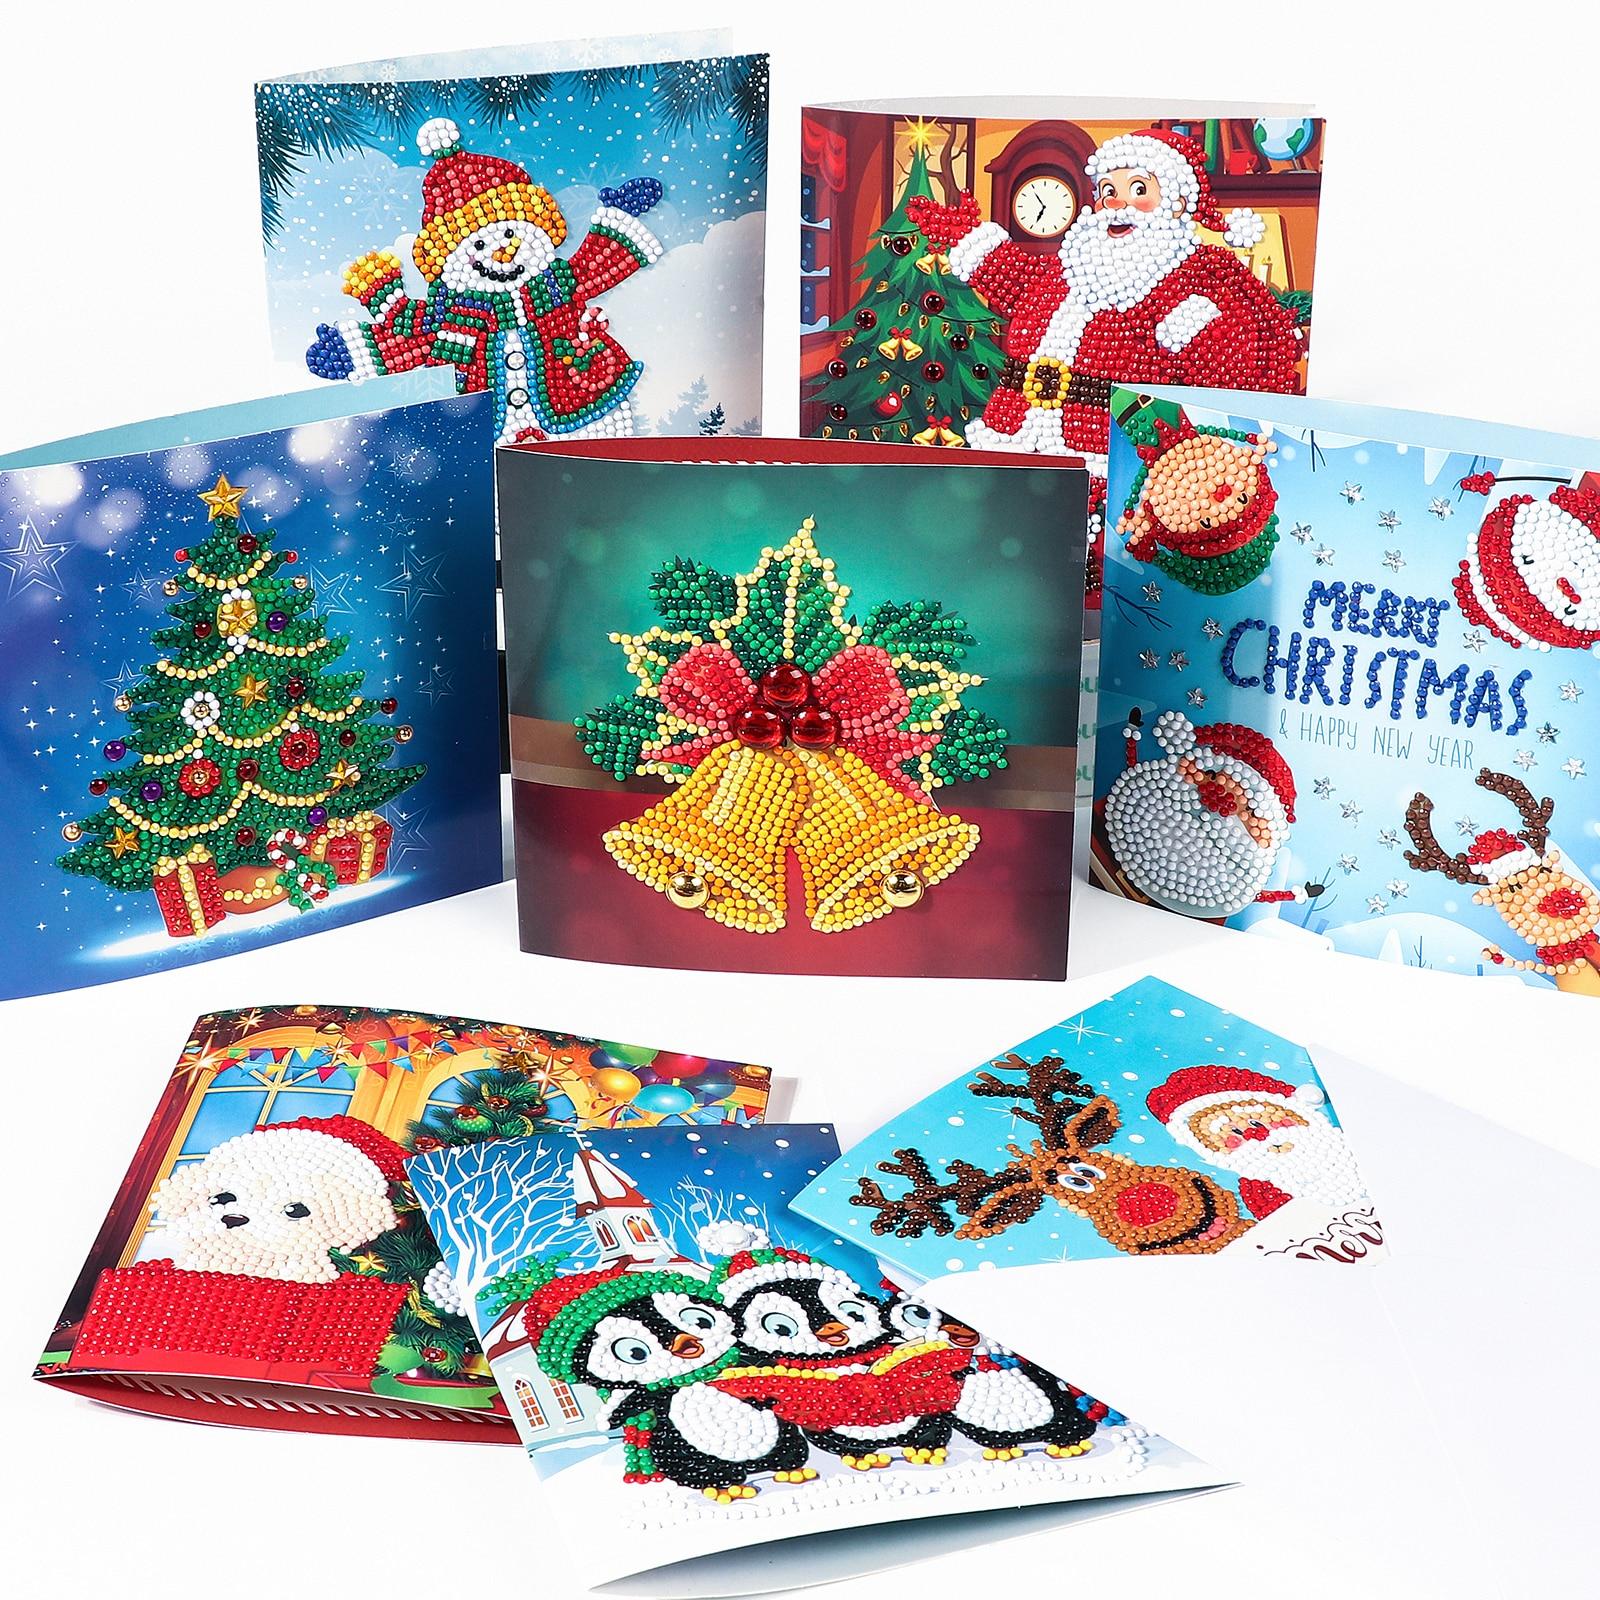 8 шт., алмазная картина, поздравительные открытки, мультфильм, Рождество, день рождения, поделки 5D, детский праздник, вышивка, подарок